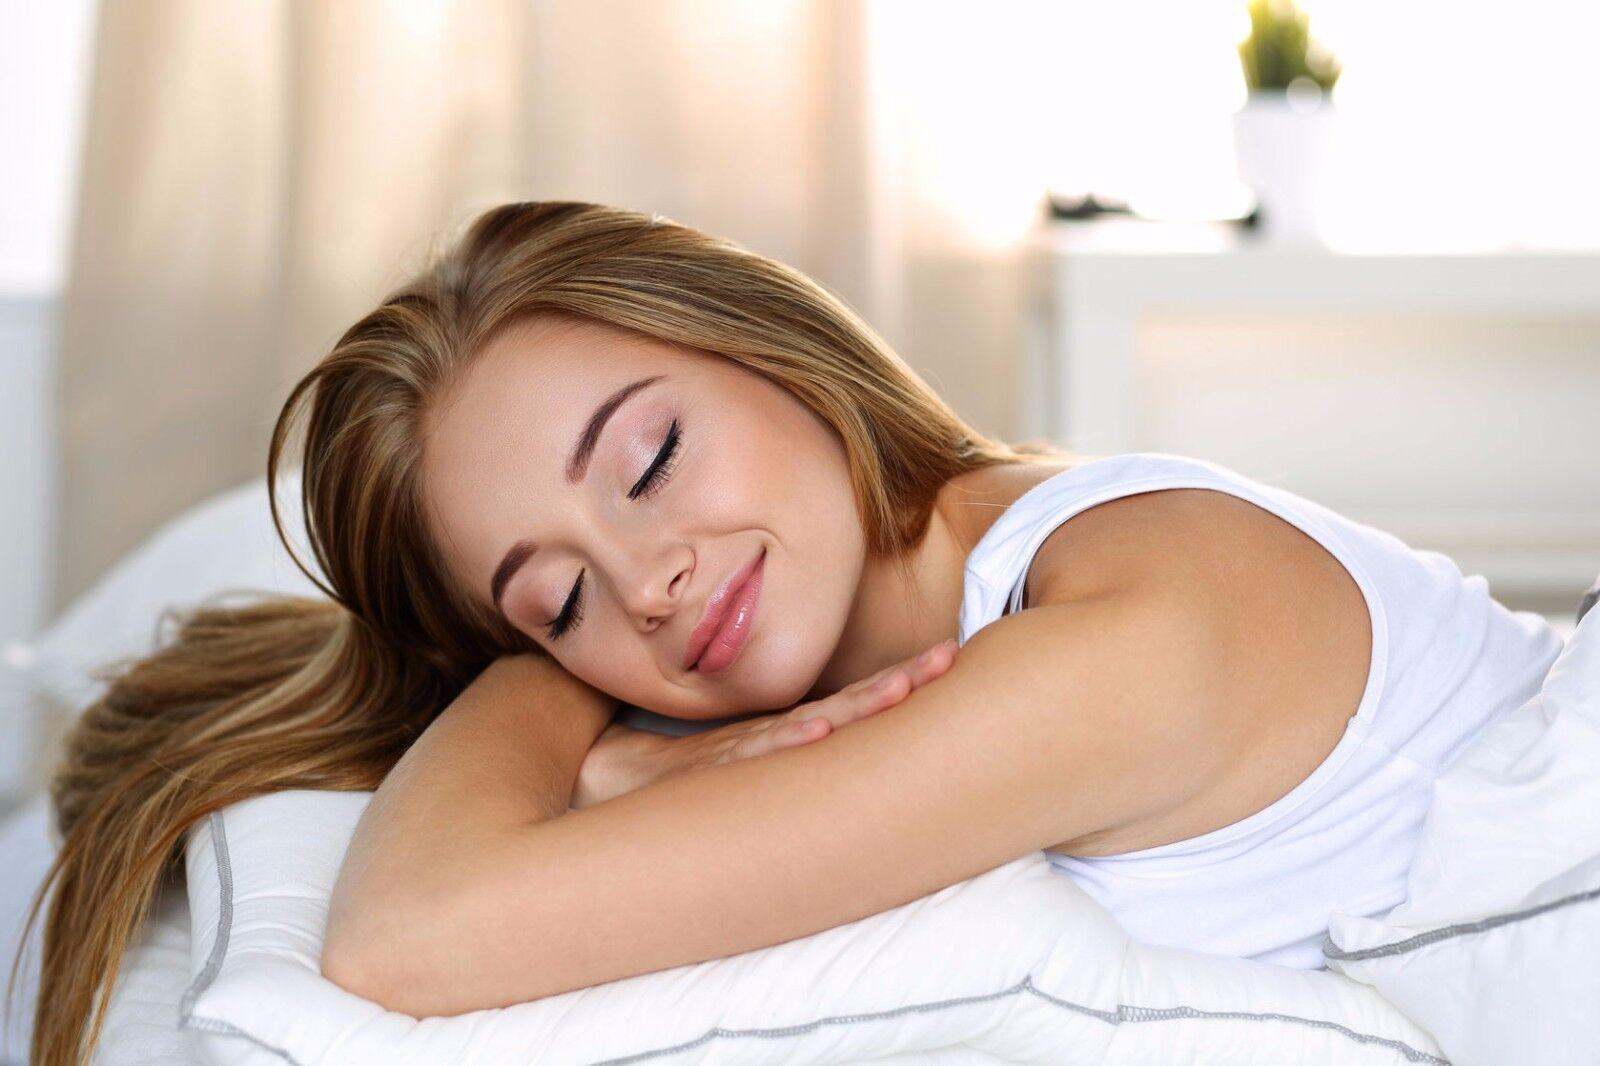 100% naturali Trapunta tutta anni coperta piumino da letto piumone 155x220 riempimento _ 1200gr